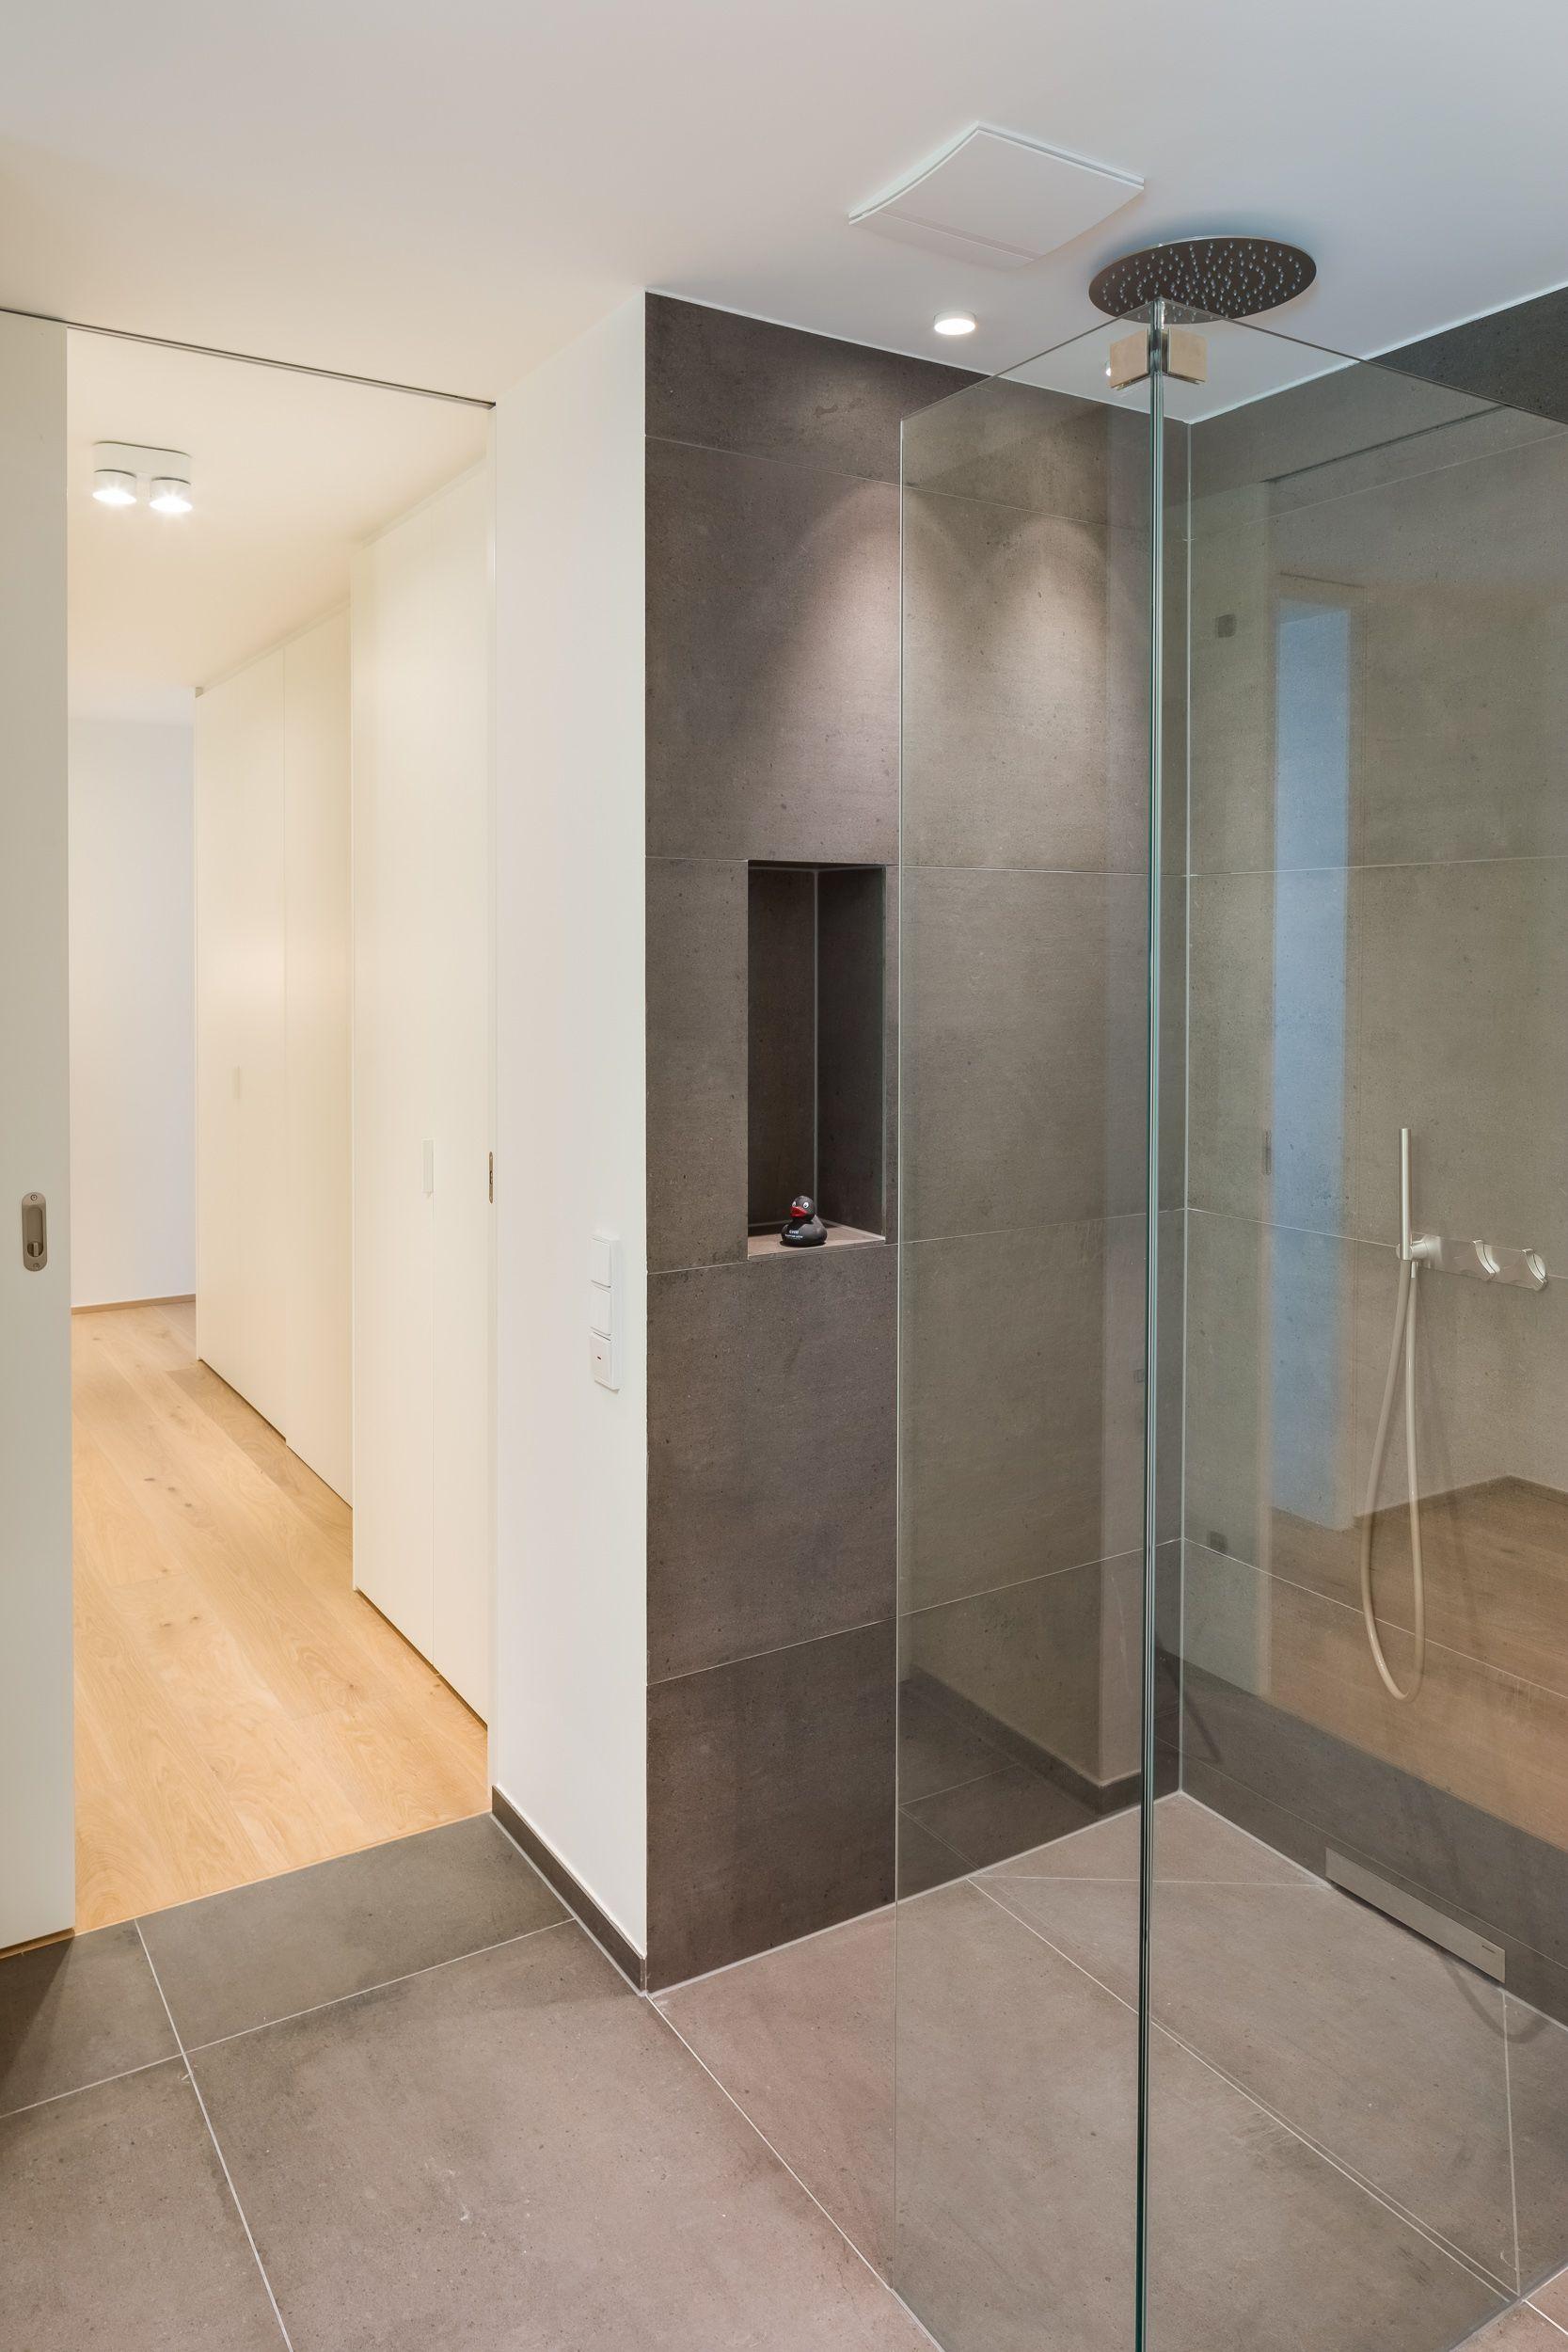 Bauhaus Badezimmer Mit Grauen Fliessen In Der Dusche Immobilienmakler Bauhaus Immobilien